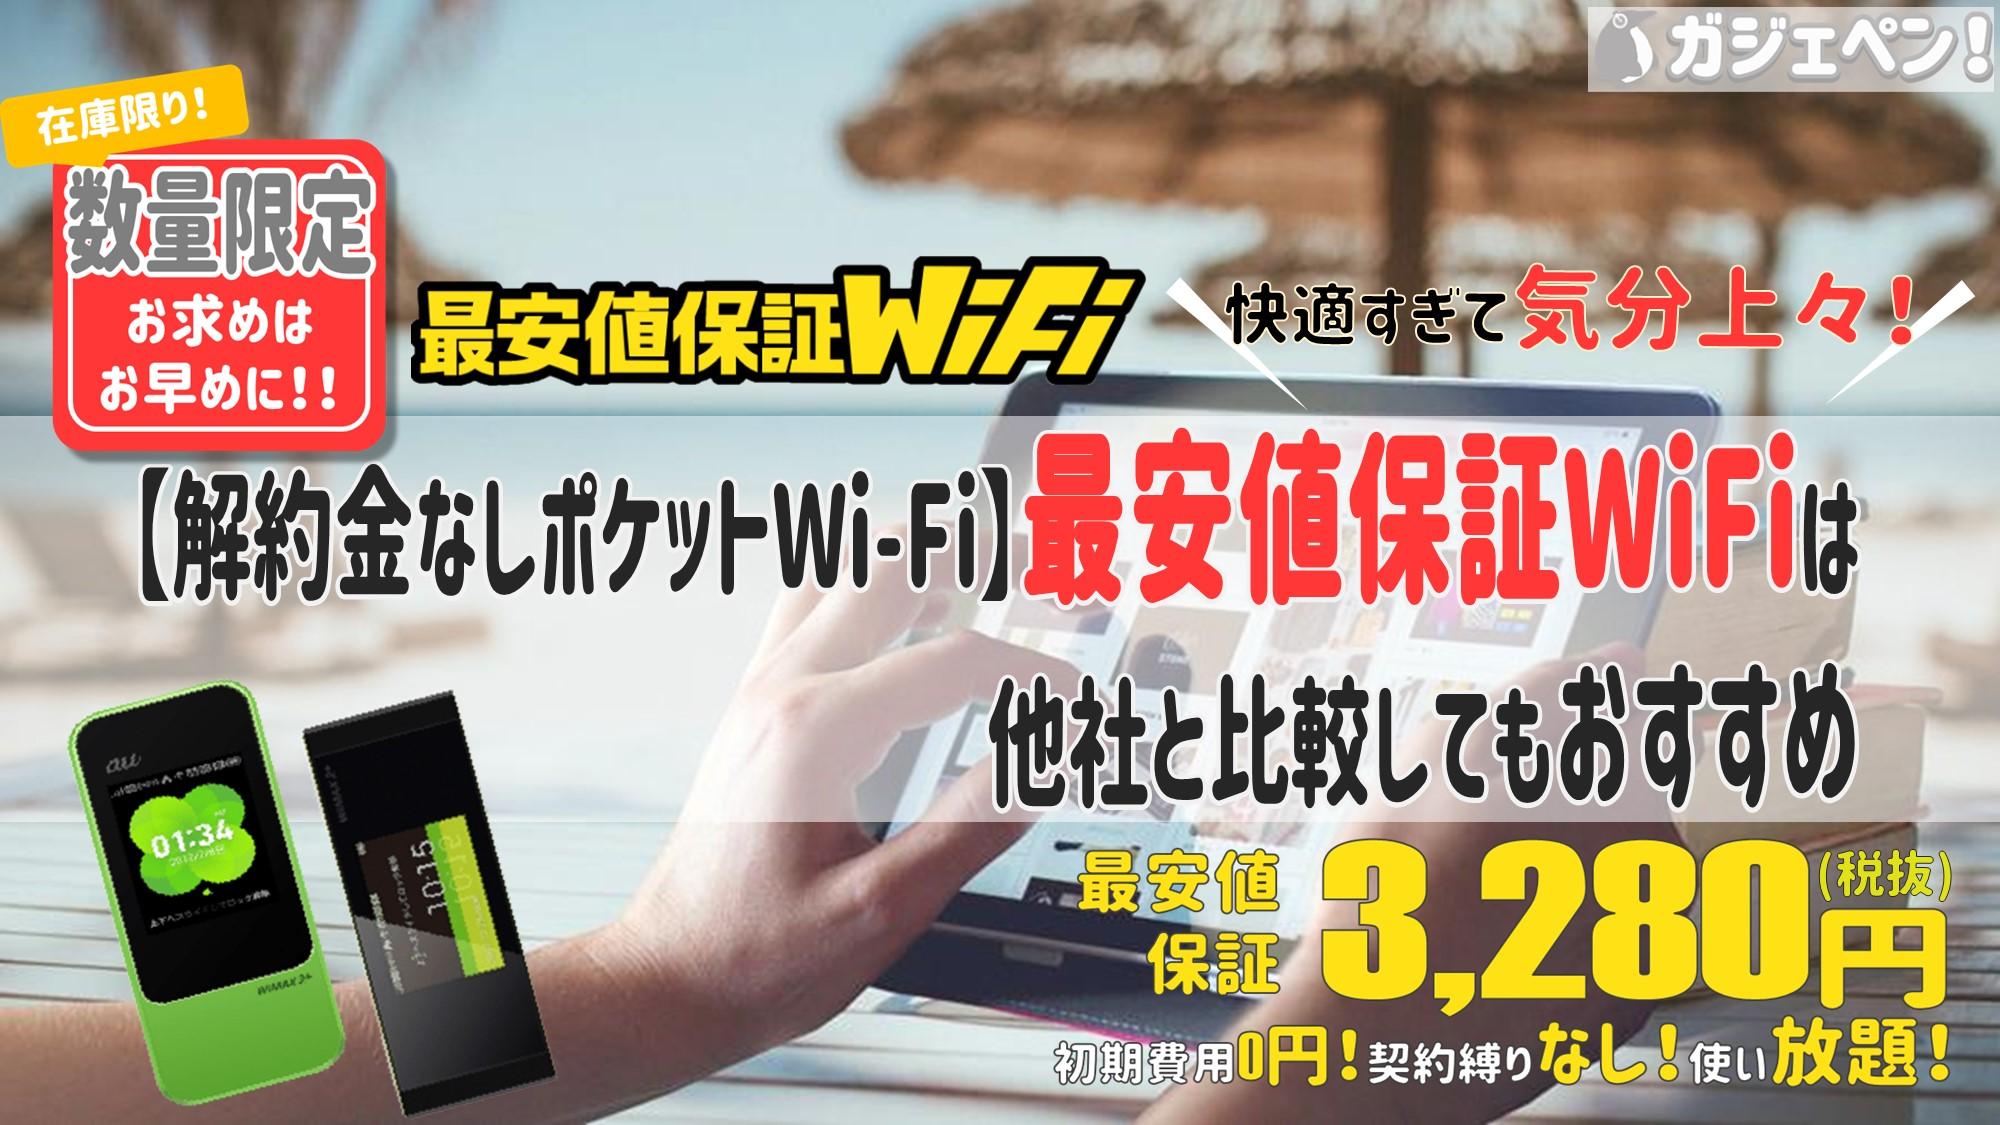 【解約金なしポケットWi-Fi】最安値保証WiFiは他社と比較してもおすすめ